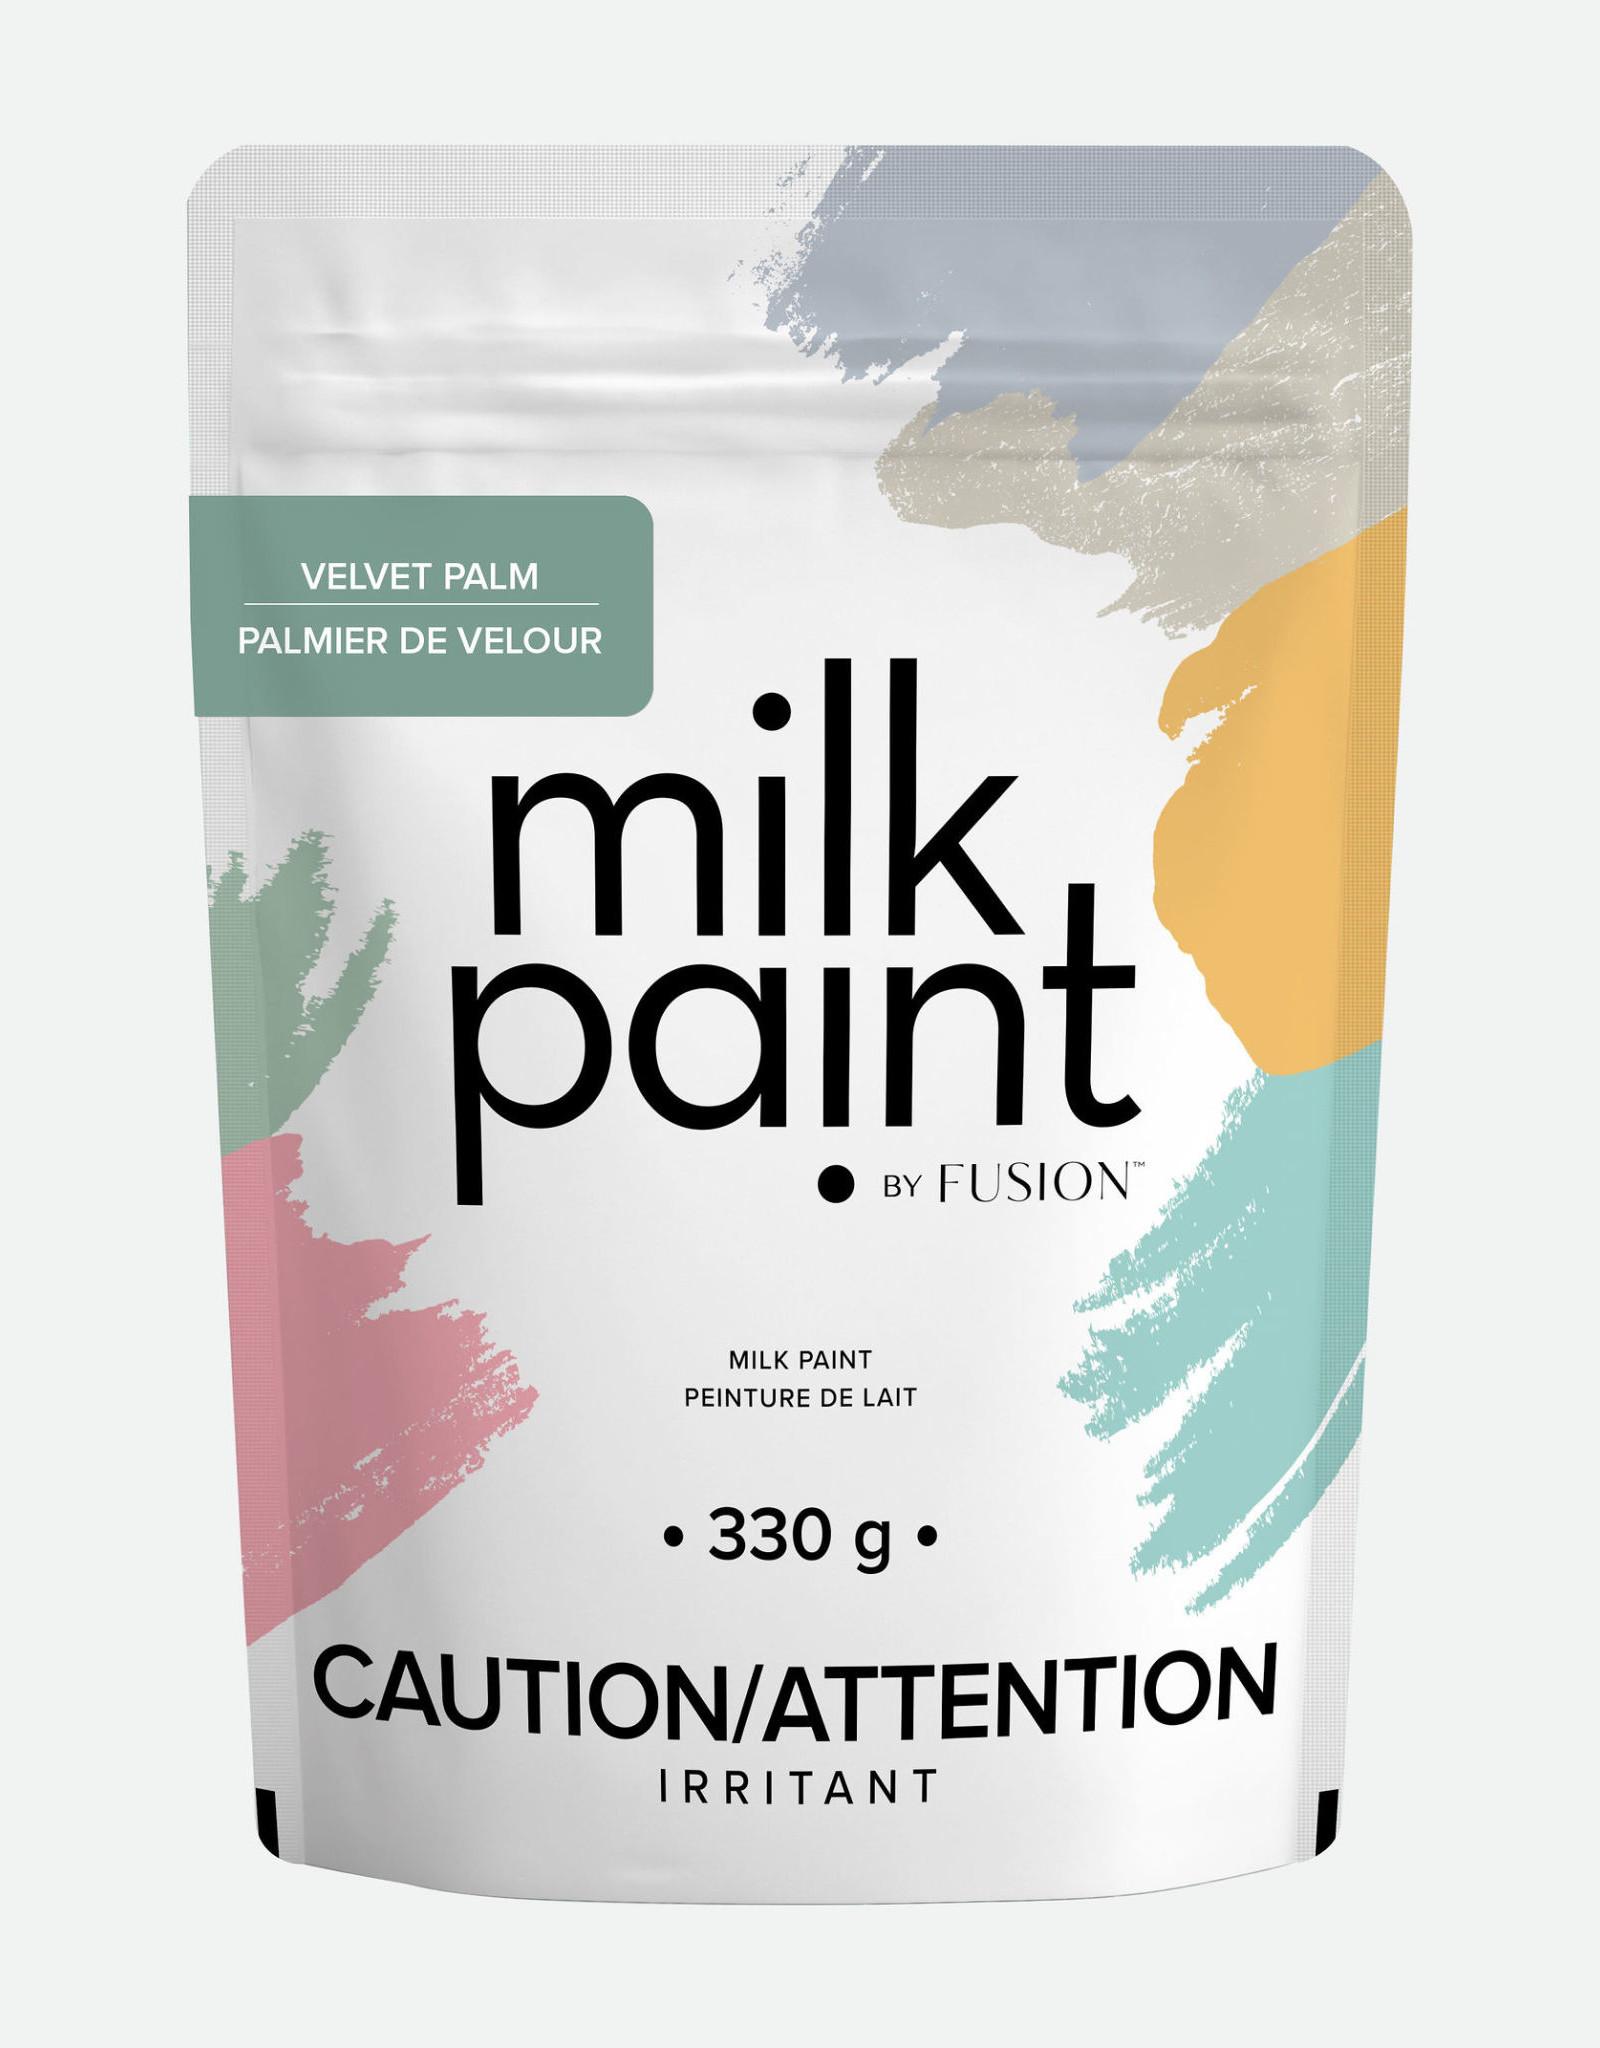 Fusion Mineral Paint Milk Paint 330g Velvet Palm